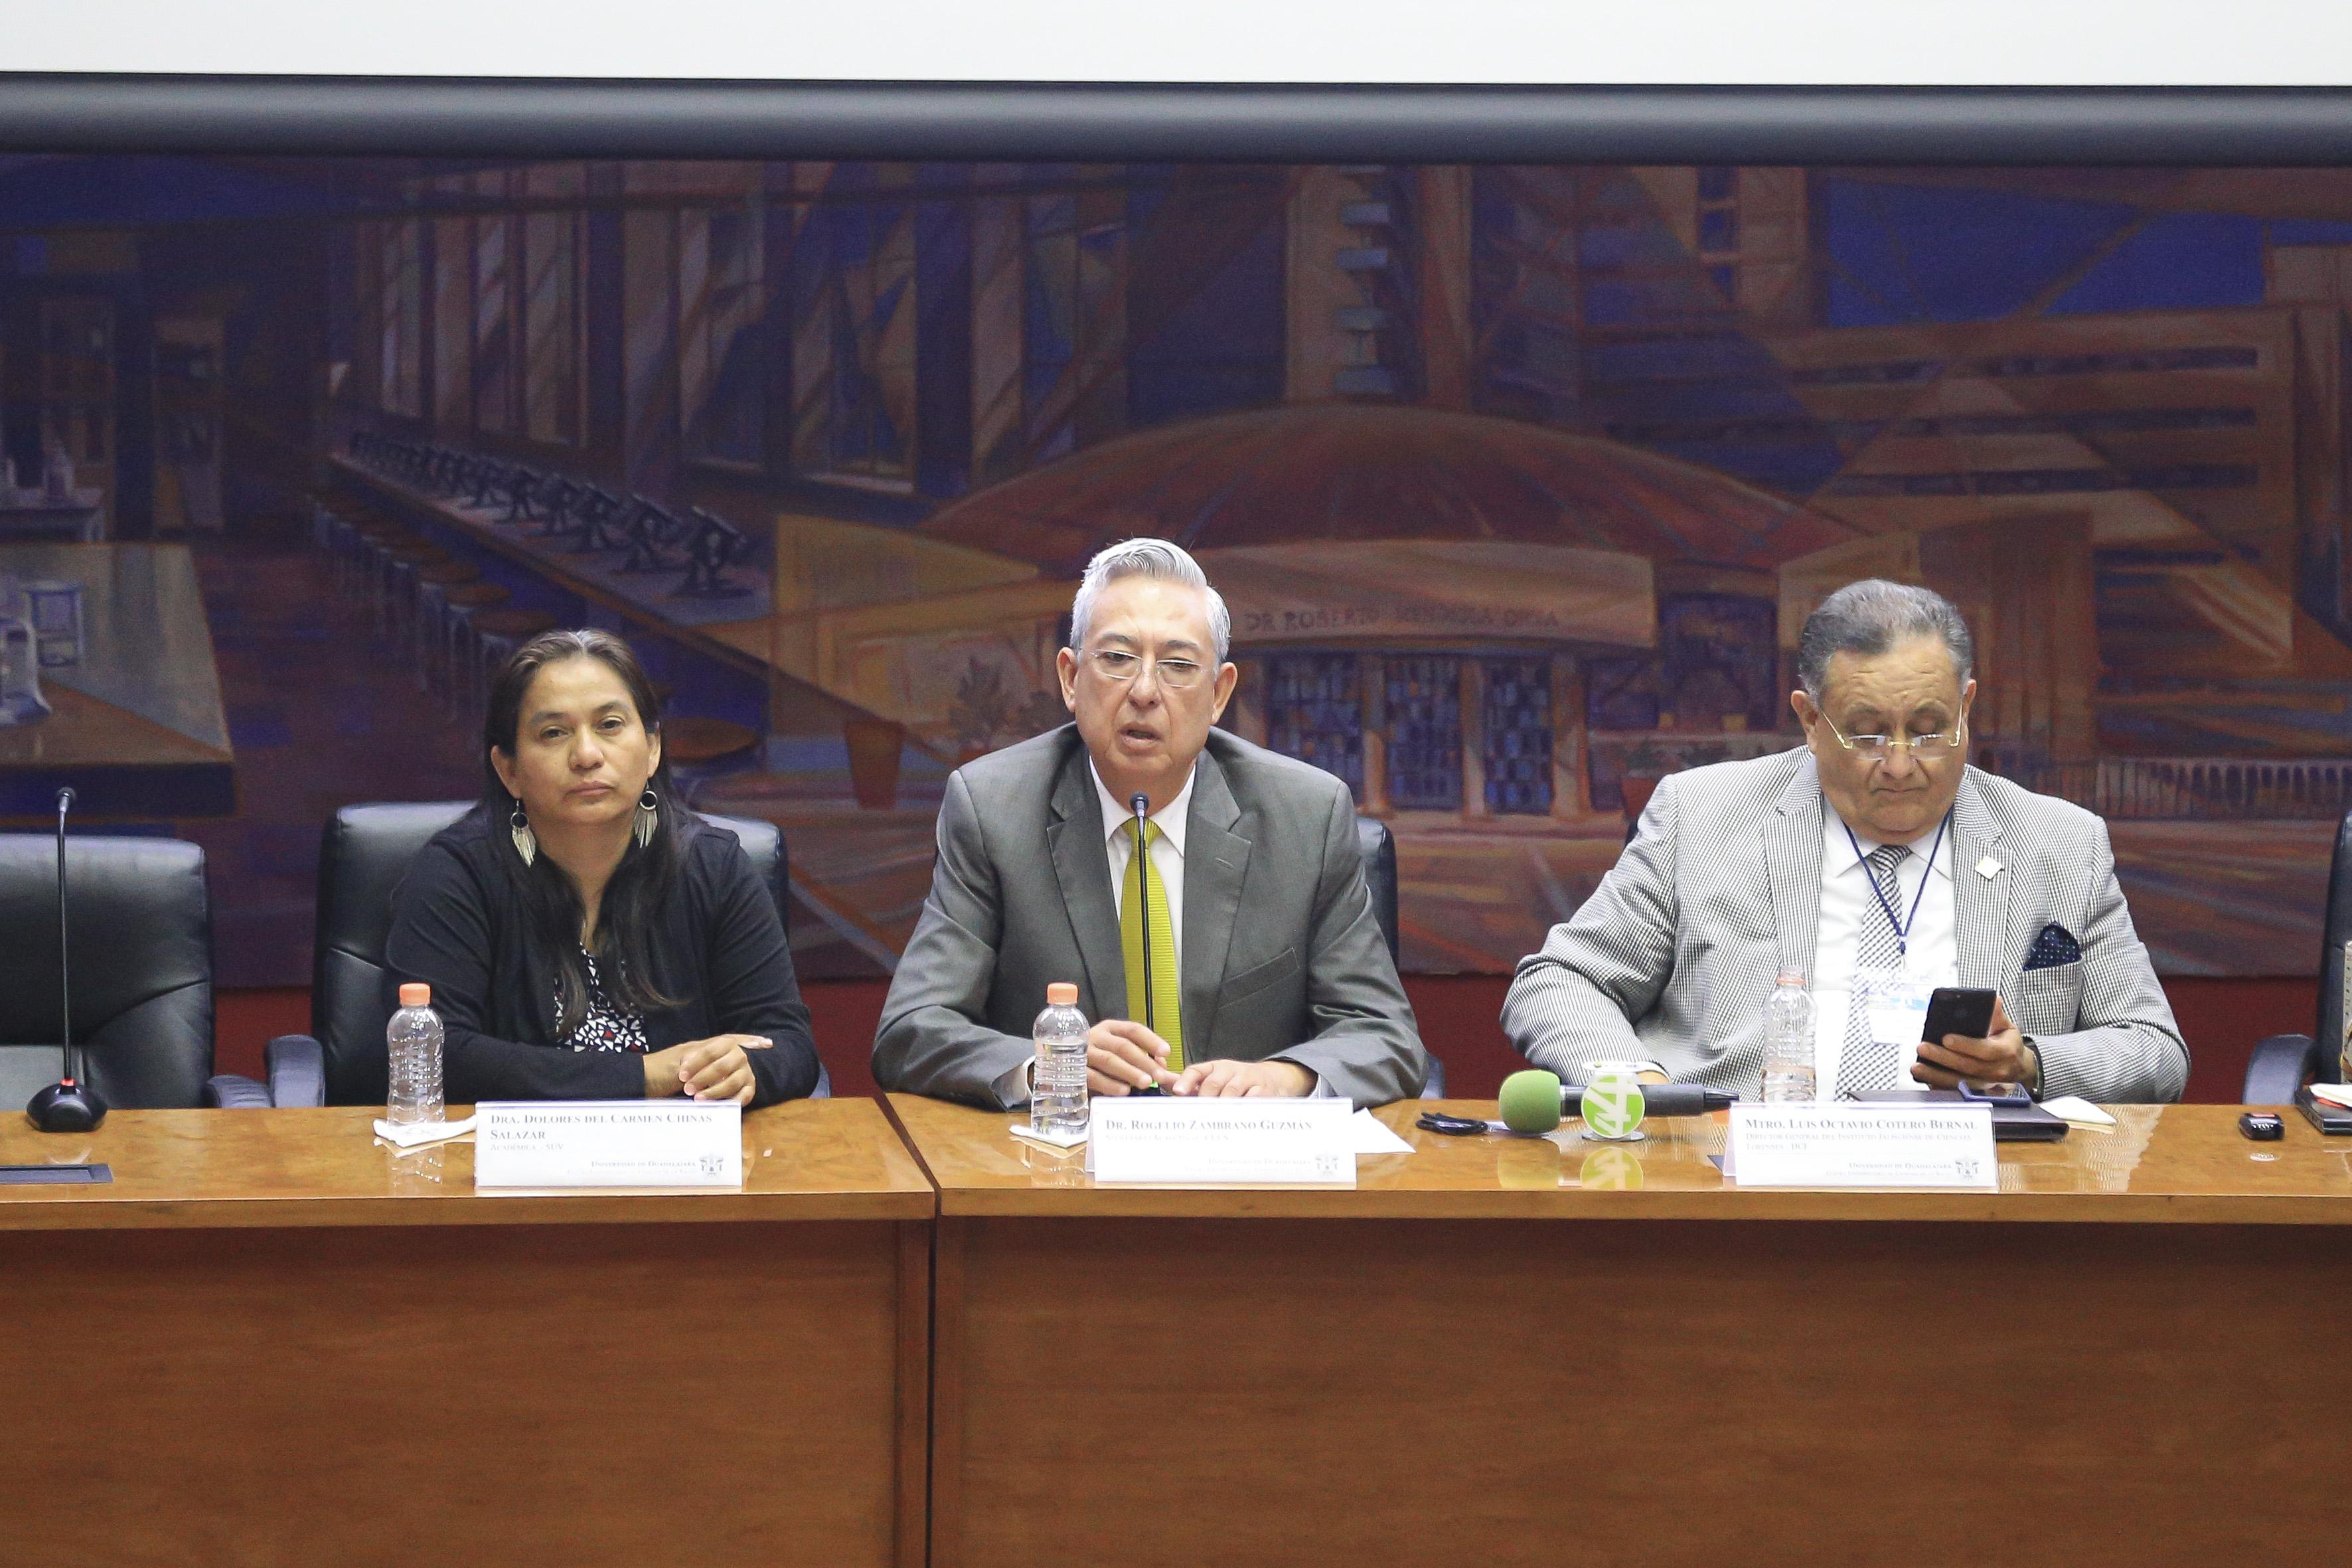 Dr. Rogelio Zambrano haciendo uso del micrófono en la mesa del presídium